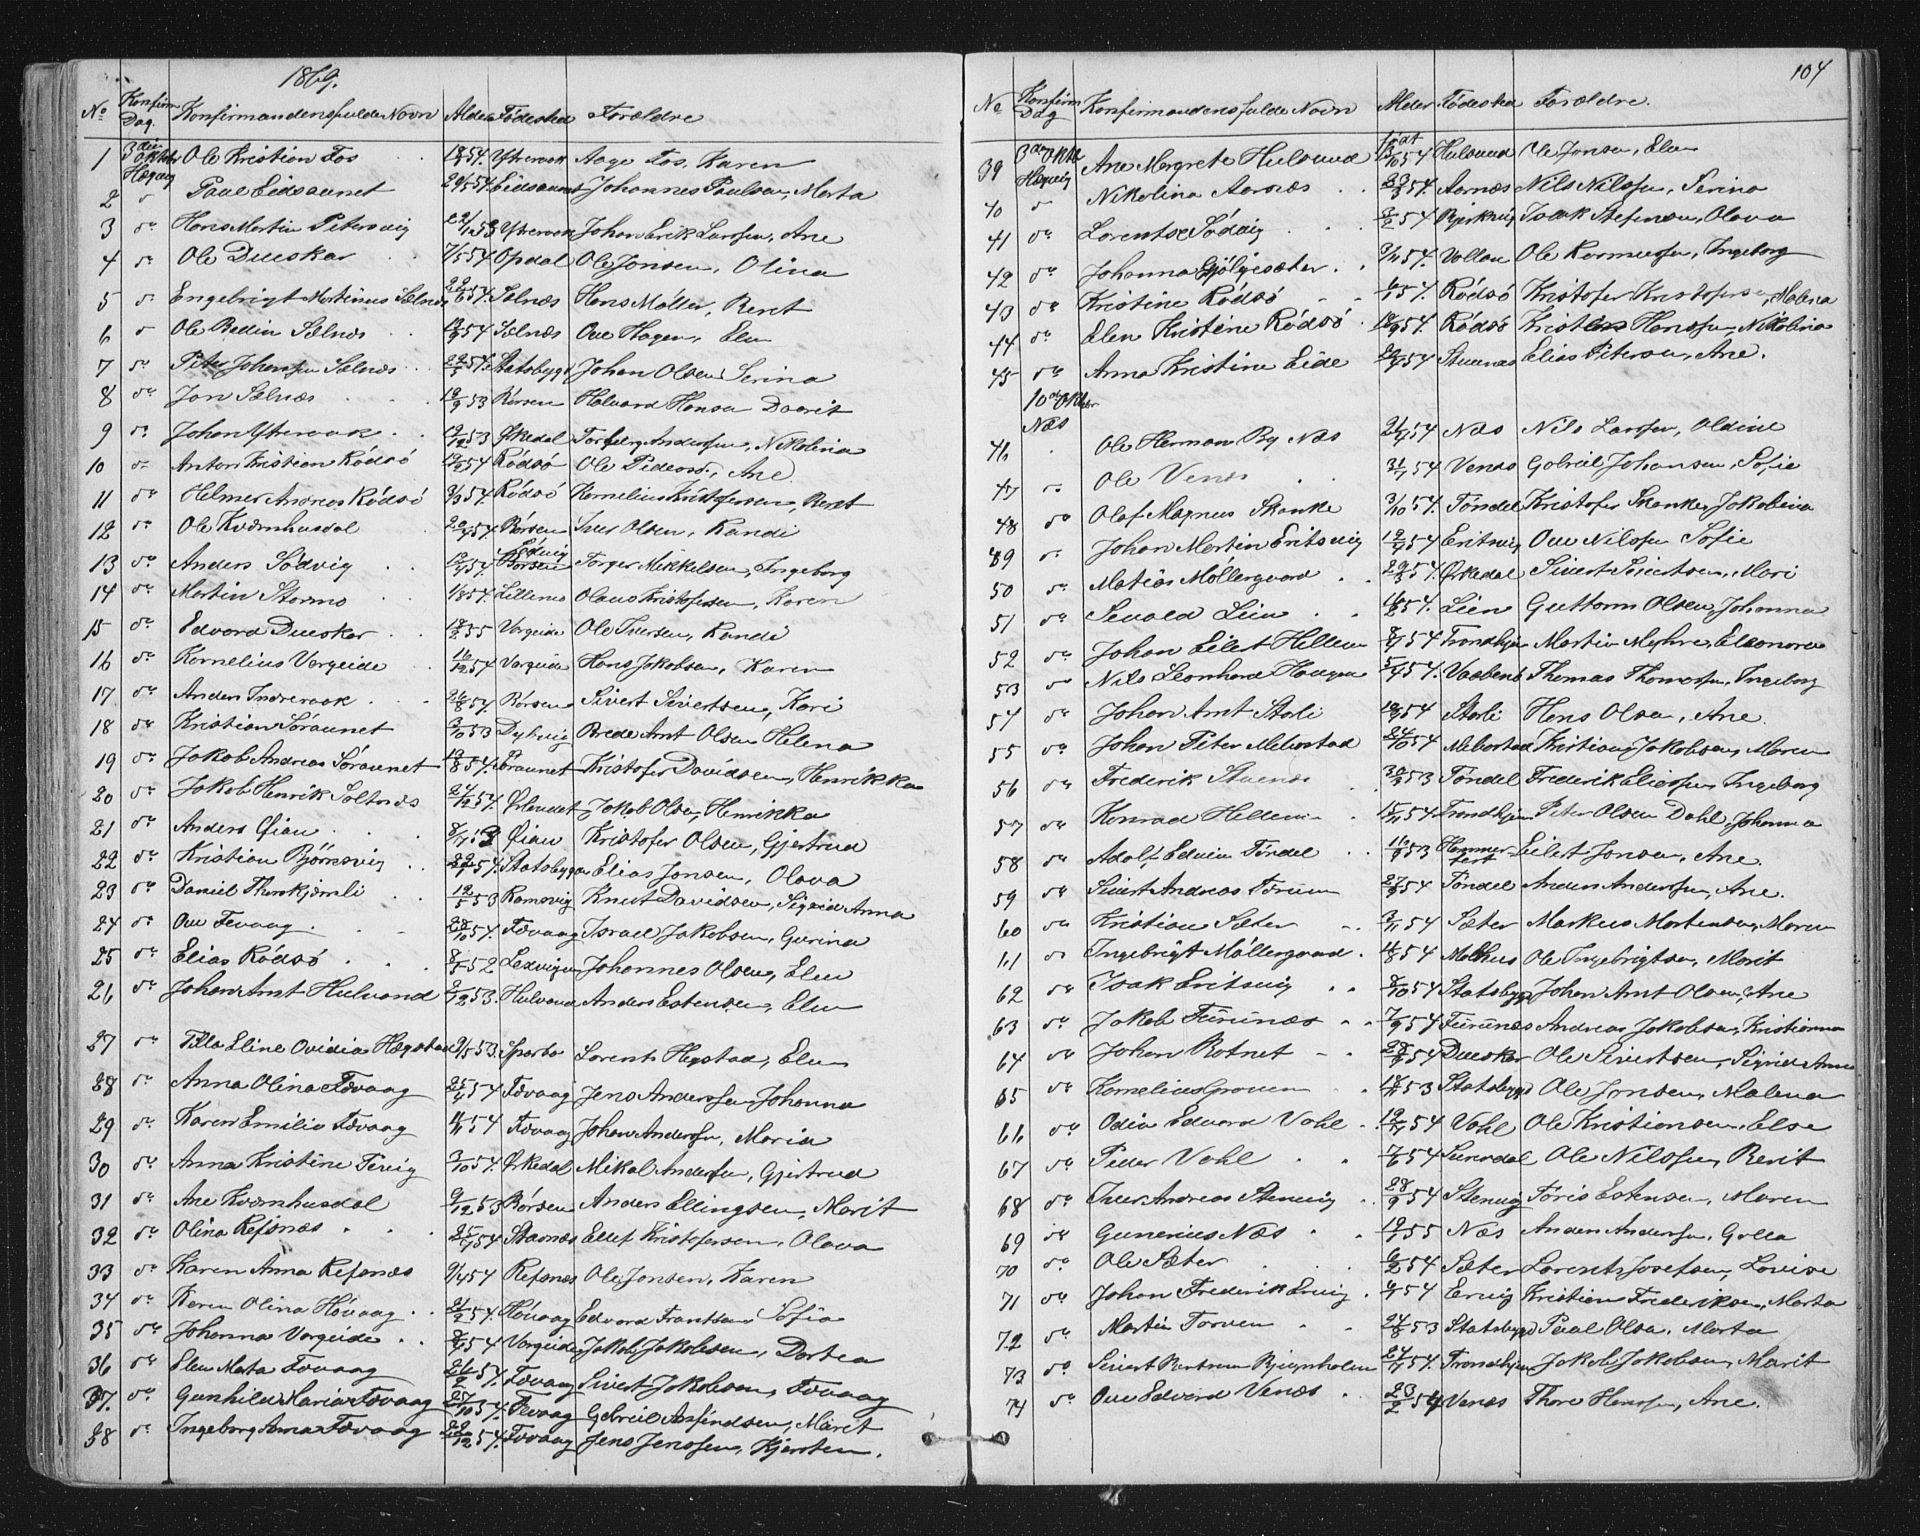 SAT, Ministerialprotokoller, klokkerbøker og fødselsregistre - Sør-Trøndelag, 651/L0647: Klokkerbok nr. 651C01, 1866-1914, s. 104